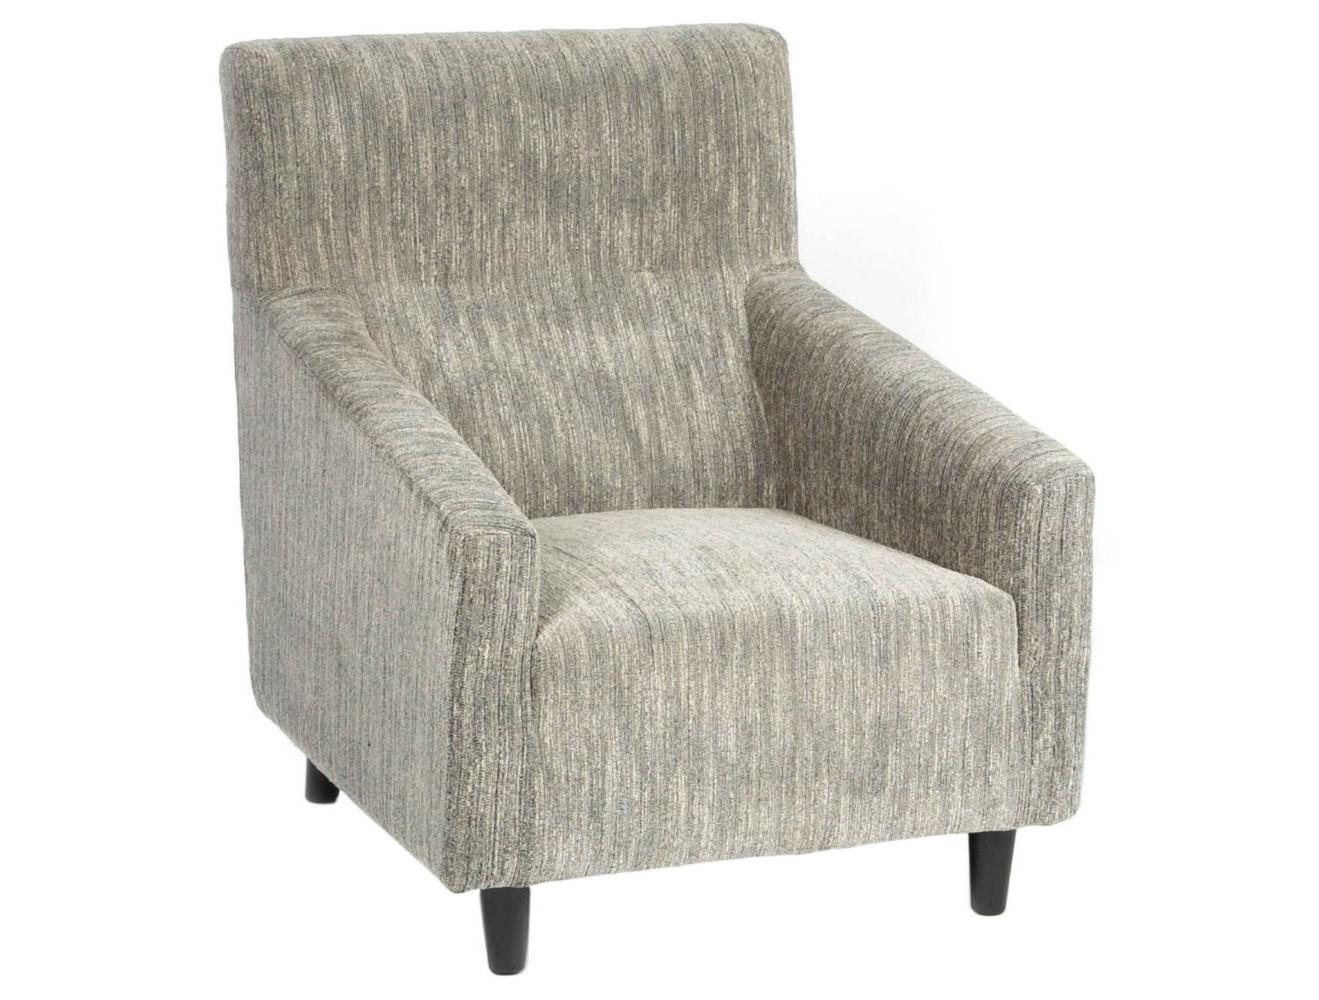 Кресло CHAIRИнтерьерные кресла<br>Это кресло приведет в восторг ценителей сдержанной элегантности. Его необычное оформление в винтажном стиле основывается на классическом силуэте строгой геометрии. Ретро-очертания благодаря нейтральной обивке серо-бежевого цвета выглядят более мягкими и плавными. Такое кресло на невысоких ножках станет прекрасным дополнением для гостиных или рабочих кабинетов.<br><br>Material: Текстиль<br>Width см: 77<br>Depth см: 89<br>Height см: 92